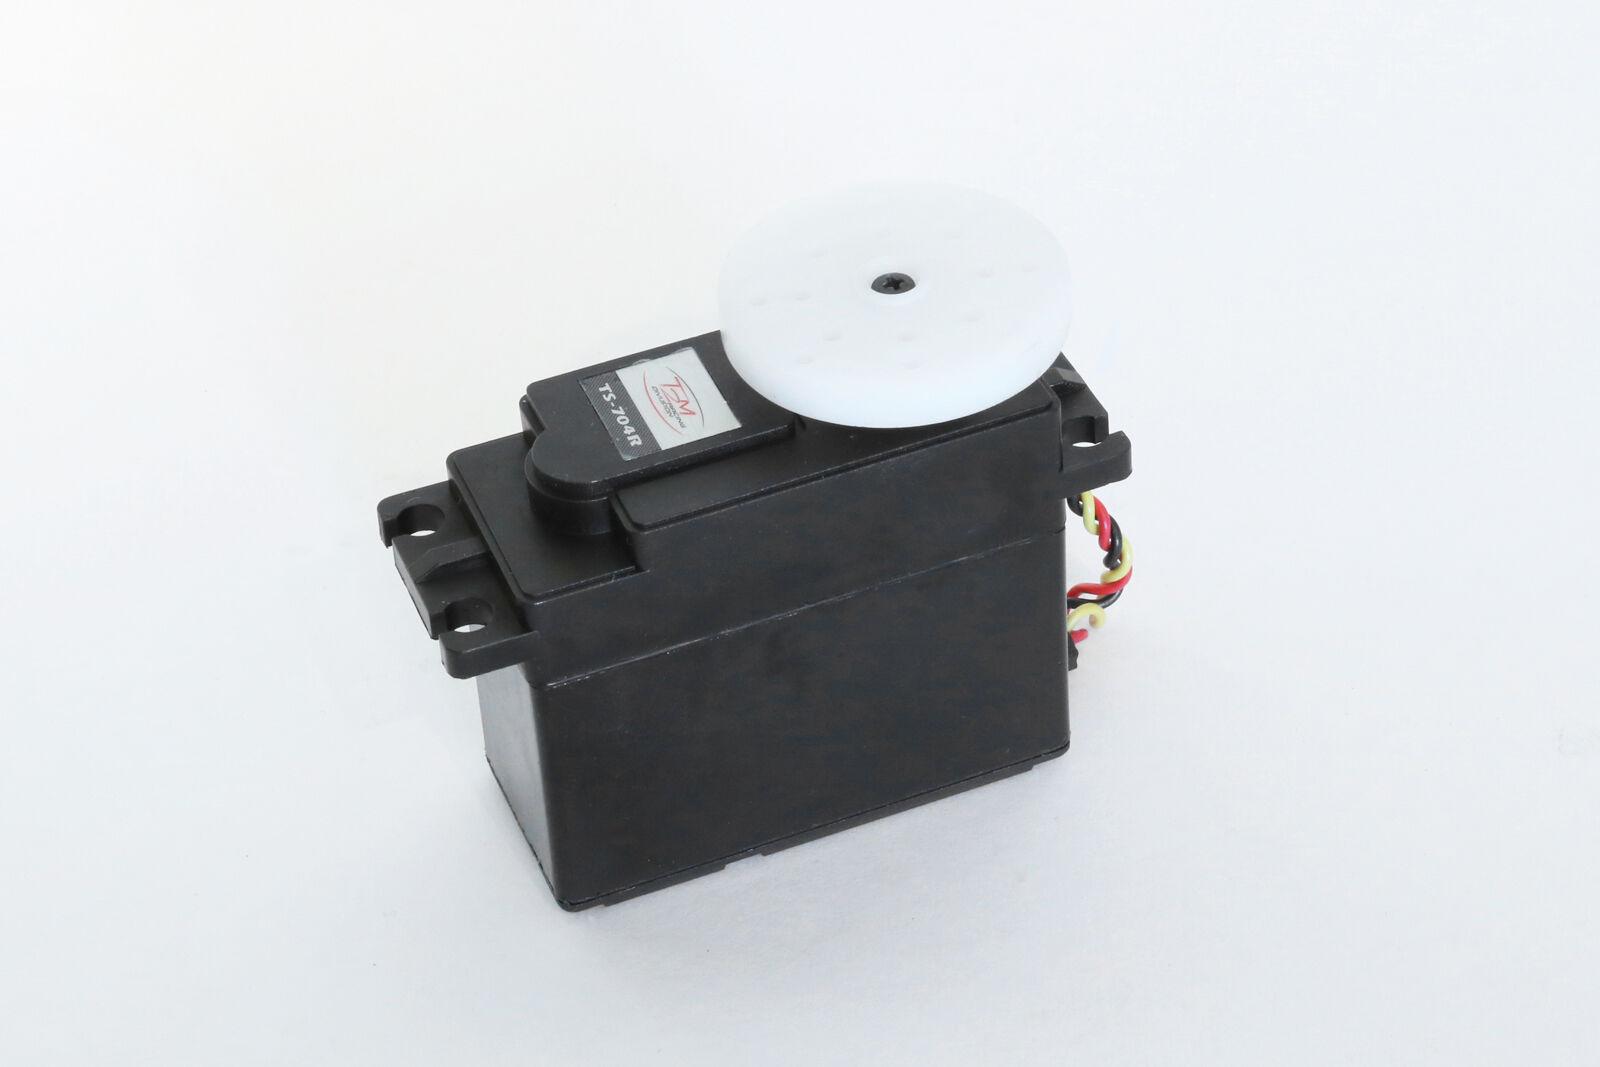 Servo-ad alte prestazioni per i modelli Fg 1 5 24kg 0,14sek.t2m  t704r